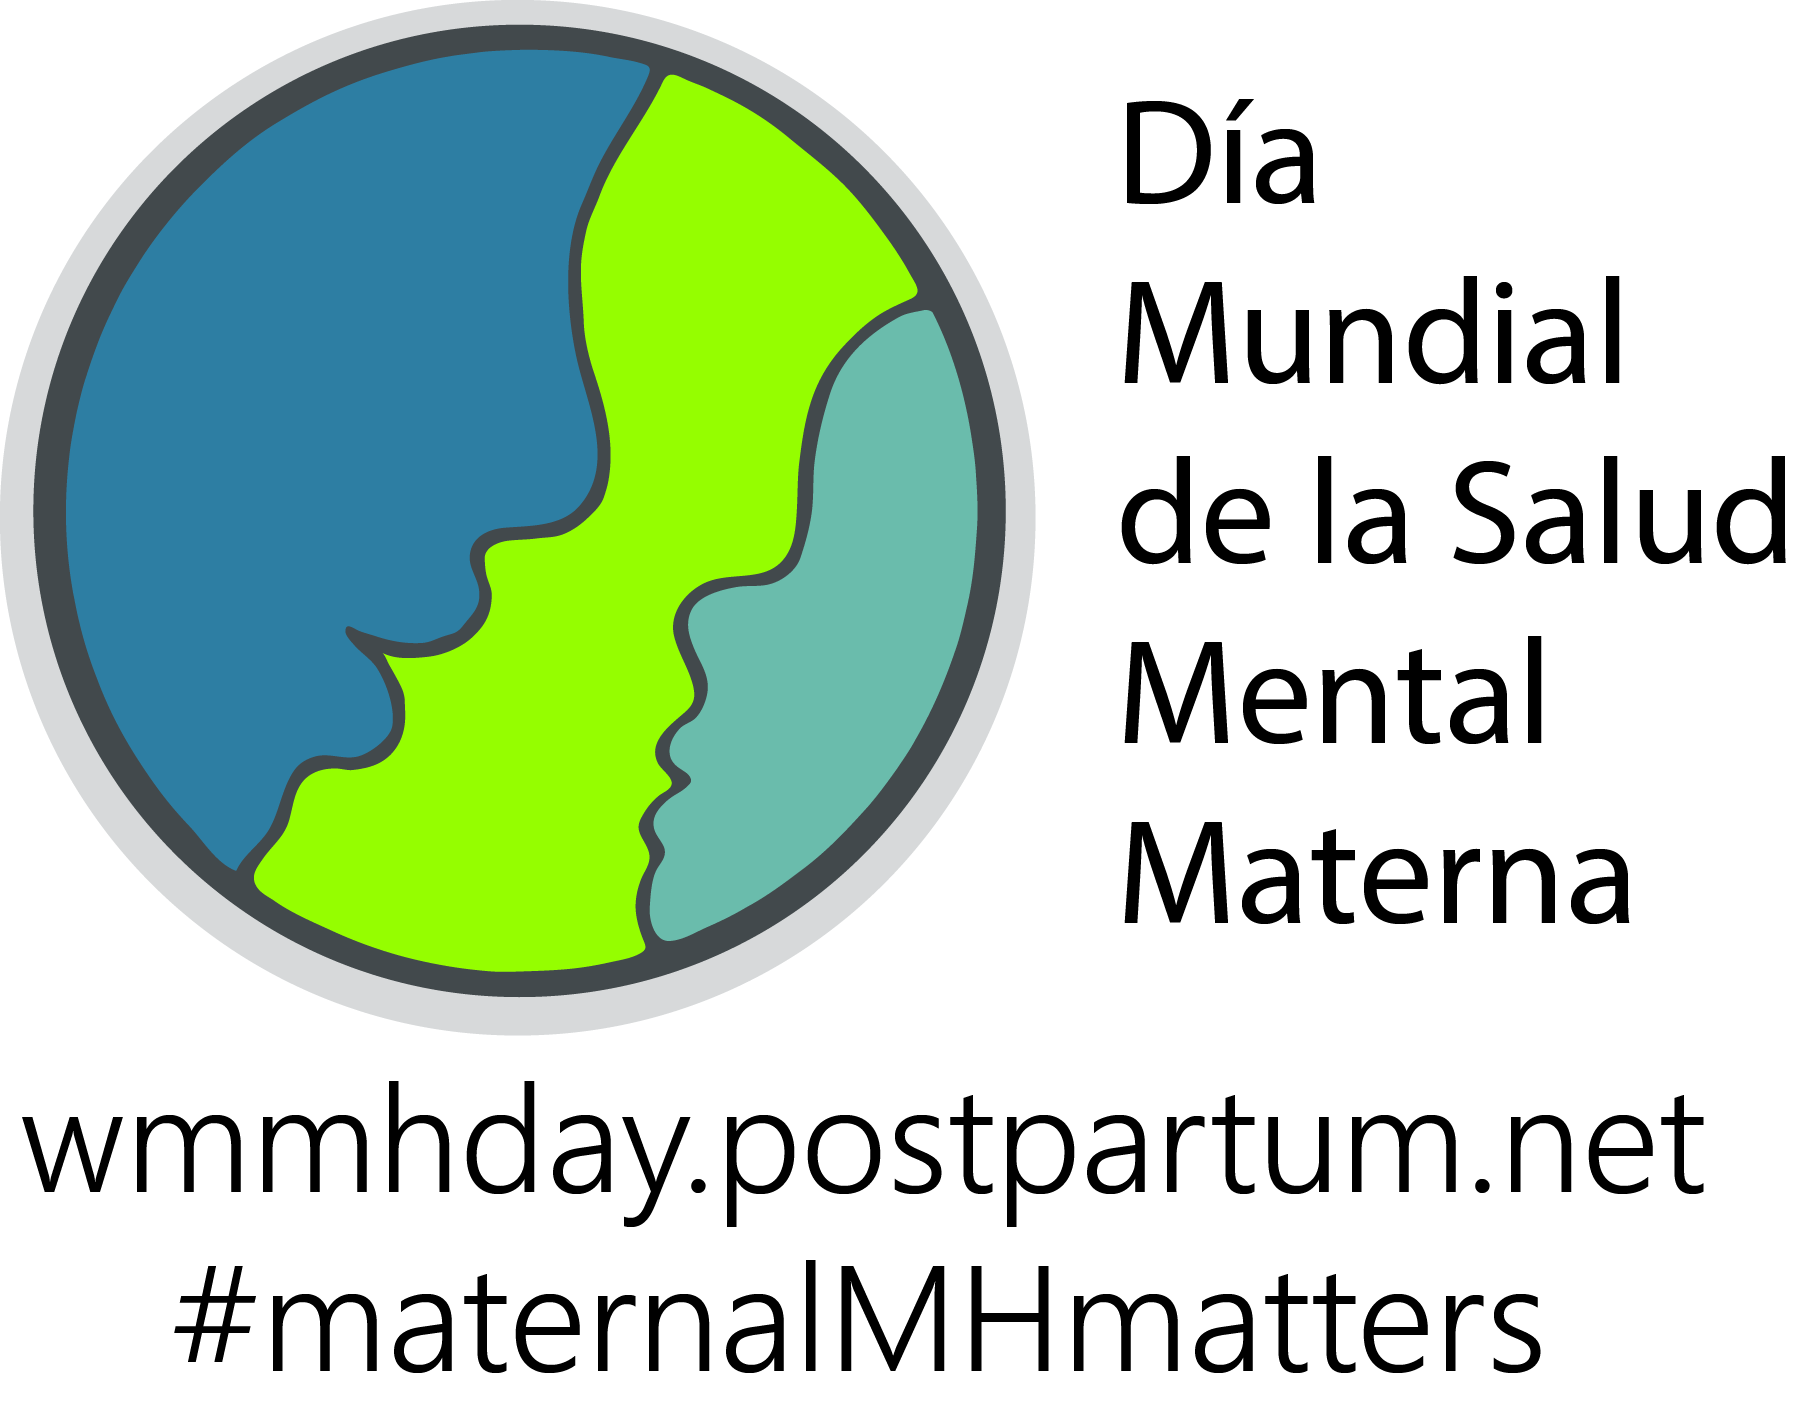 Mmh Logo 1 Side Mixedcase Tk Fr Es De